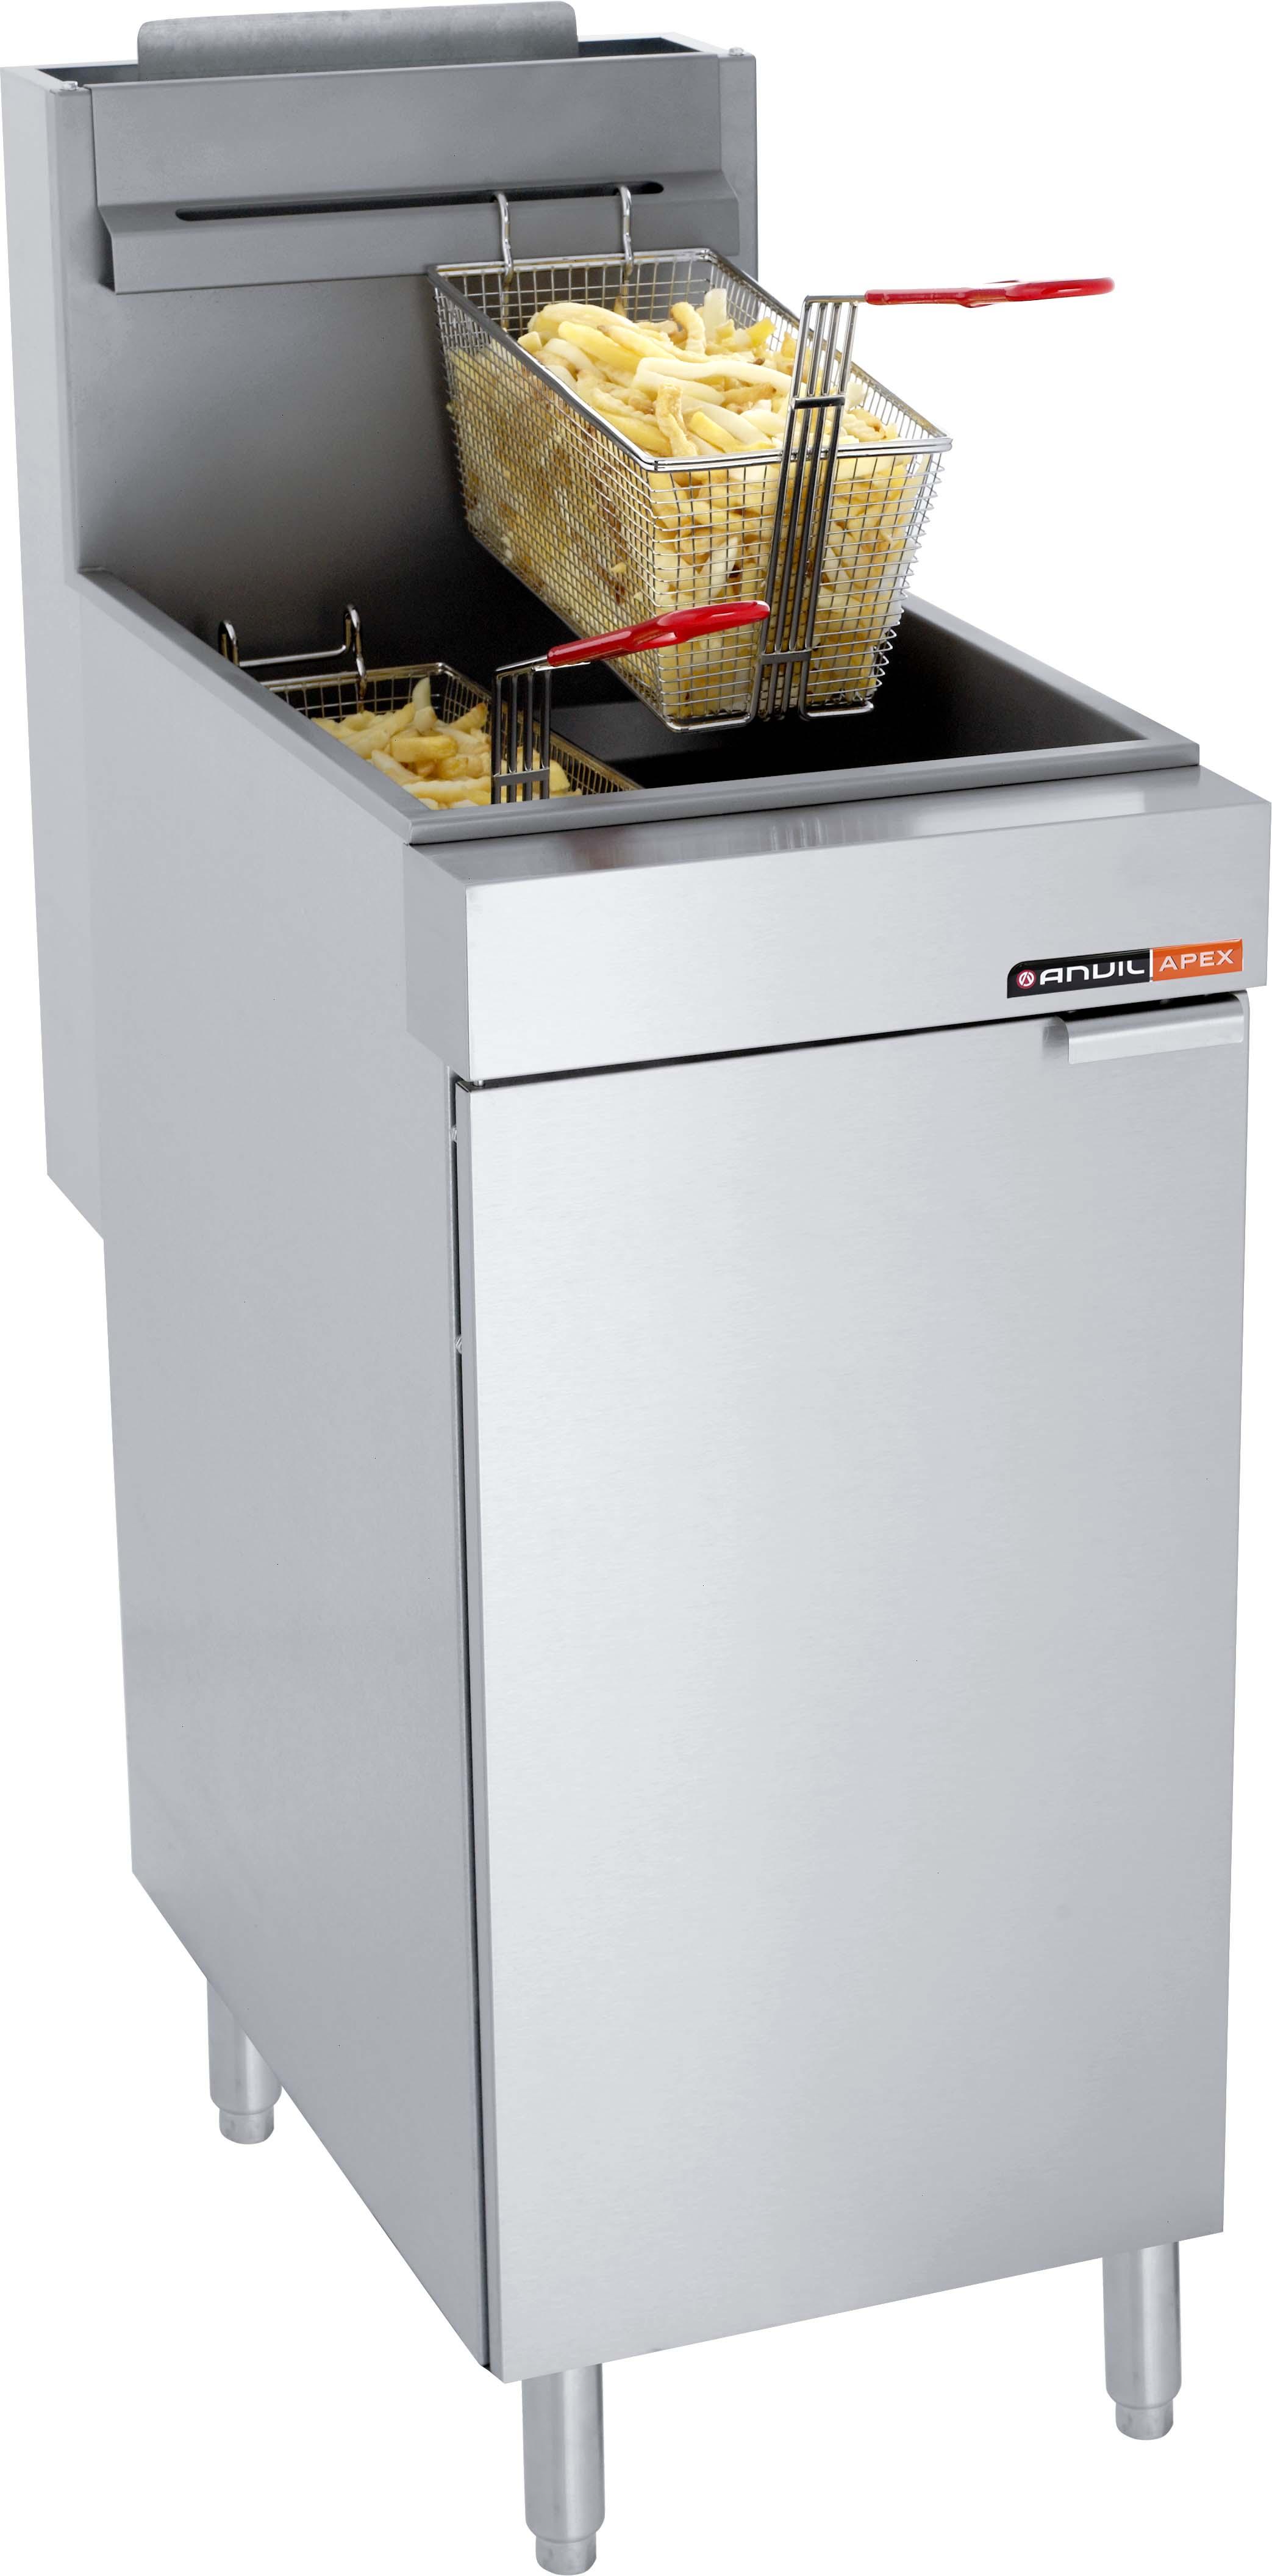 ffa3200--fish-fryer-anvil--1-x-20lt-gas